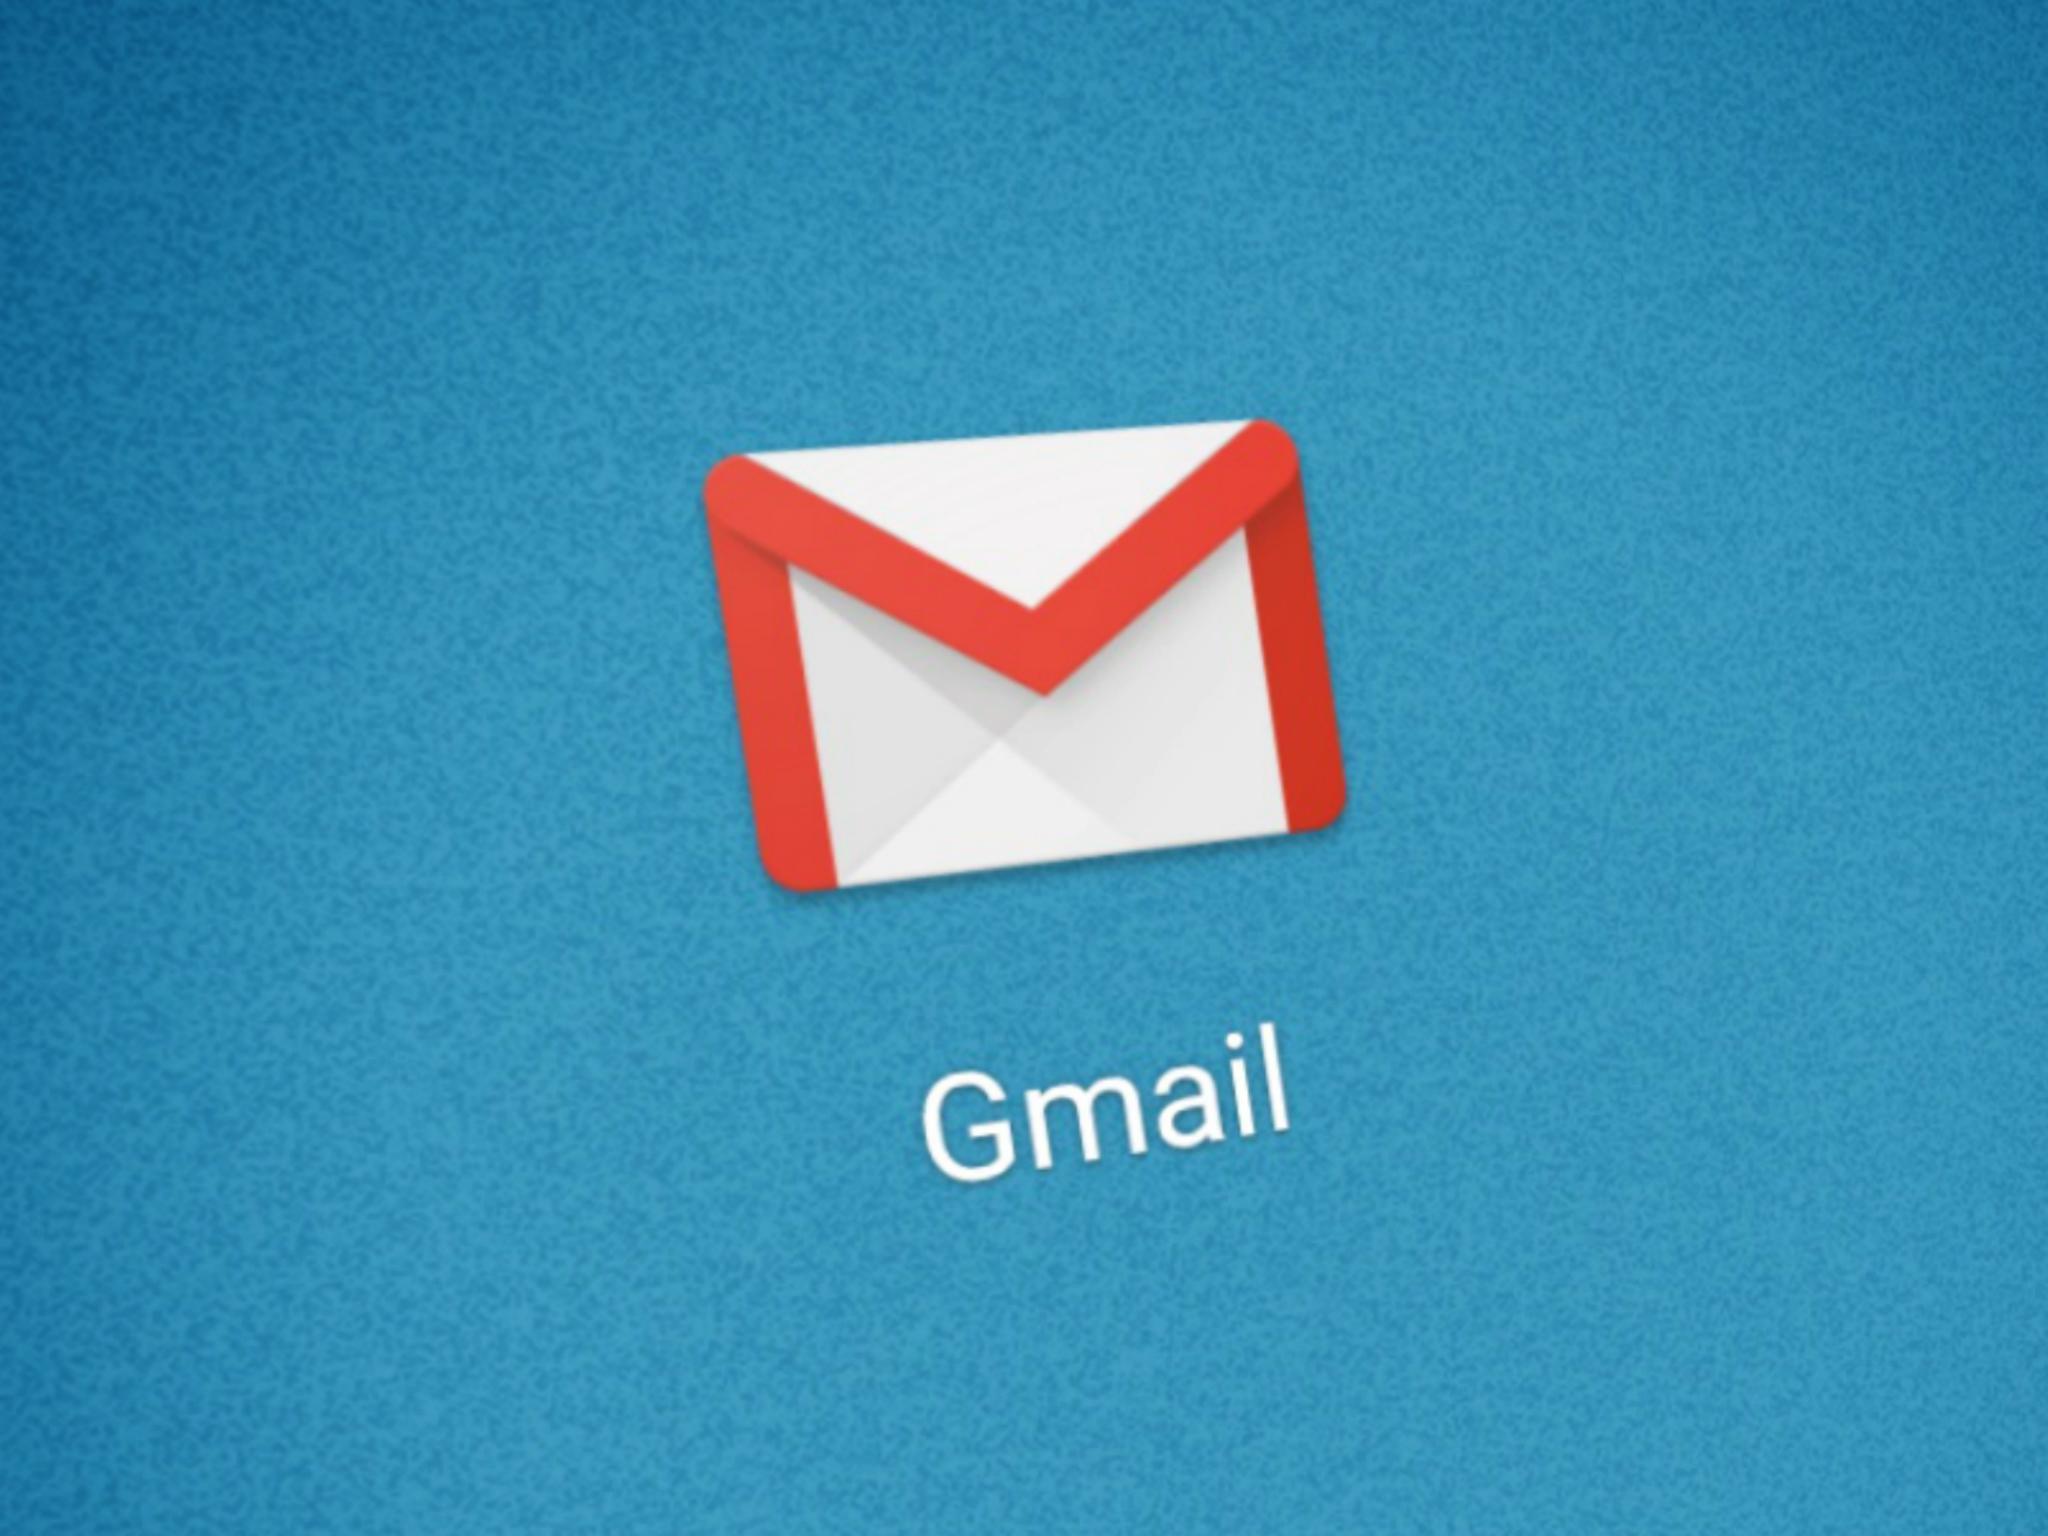 Come cambiare il carattere della lettera in Gmail 2